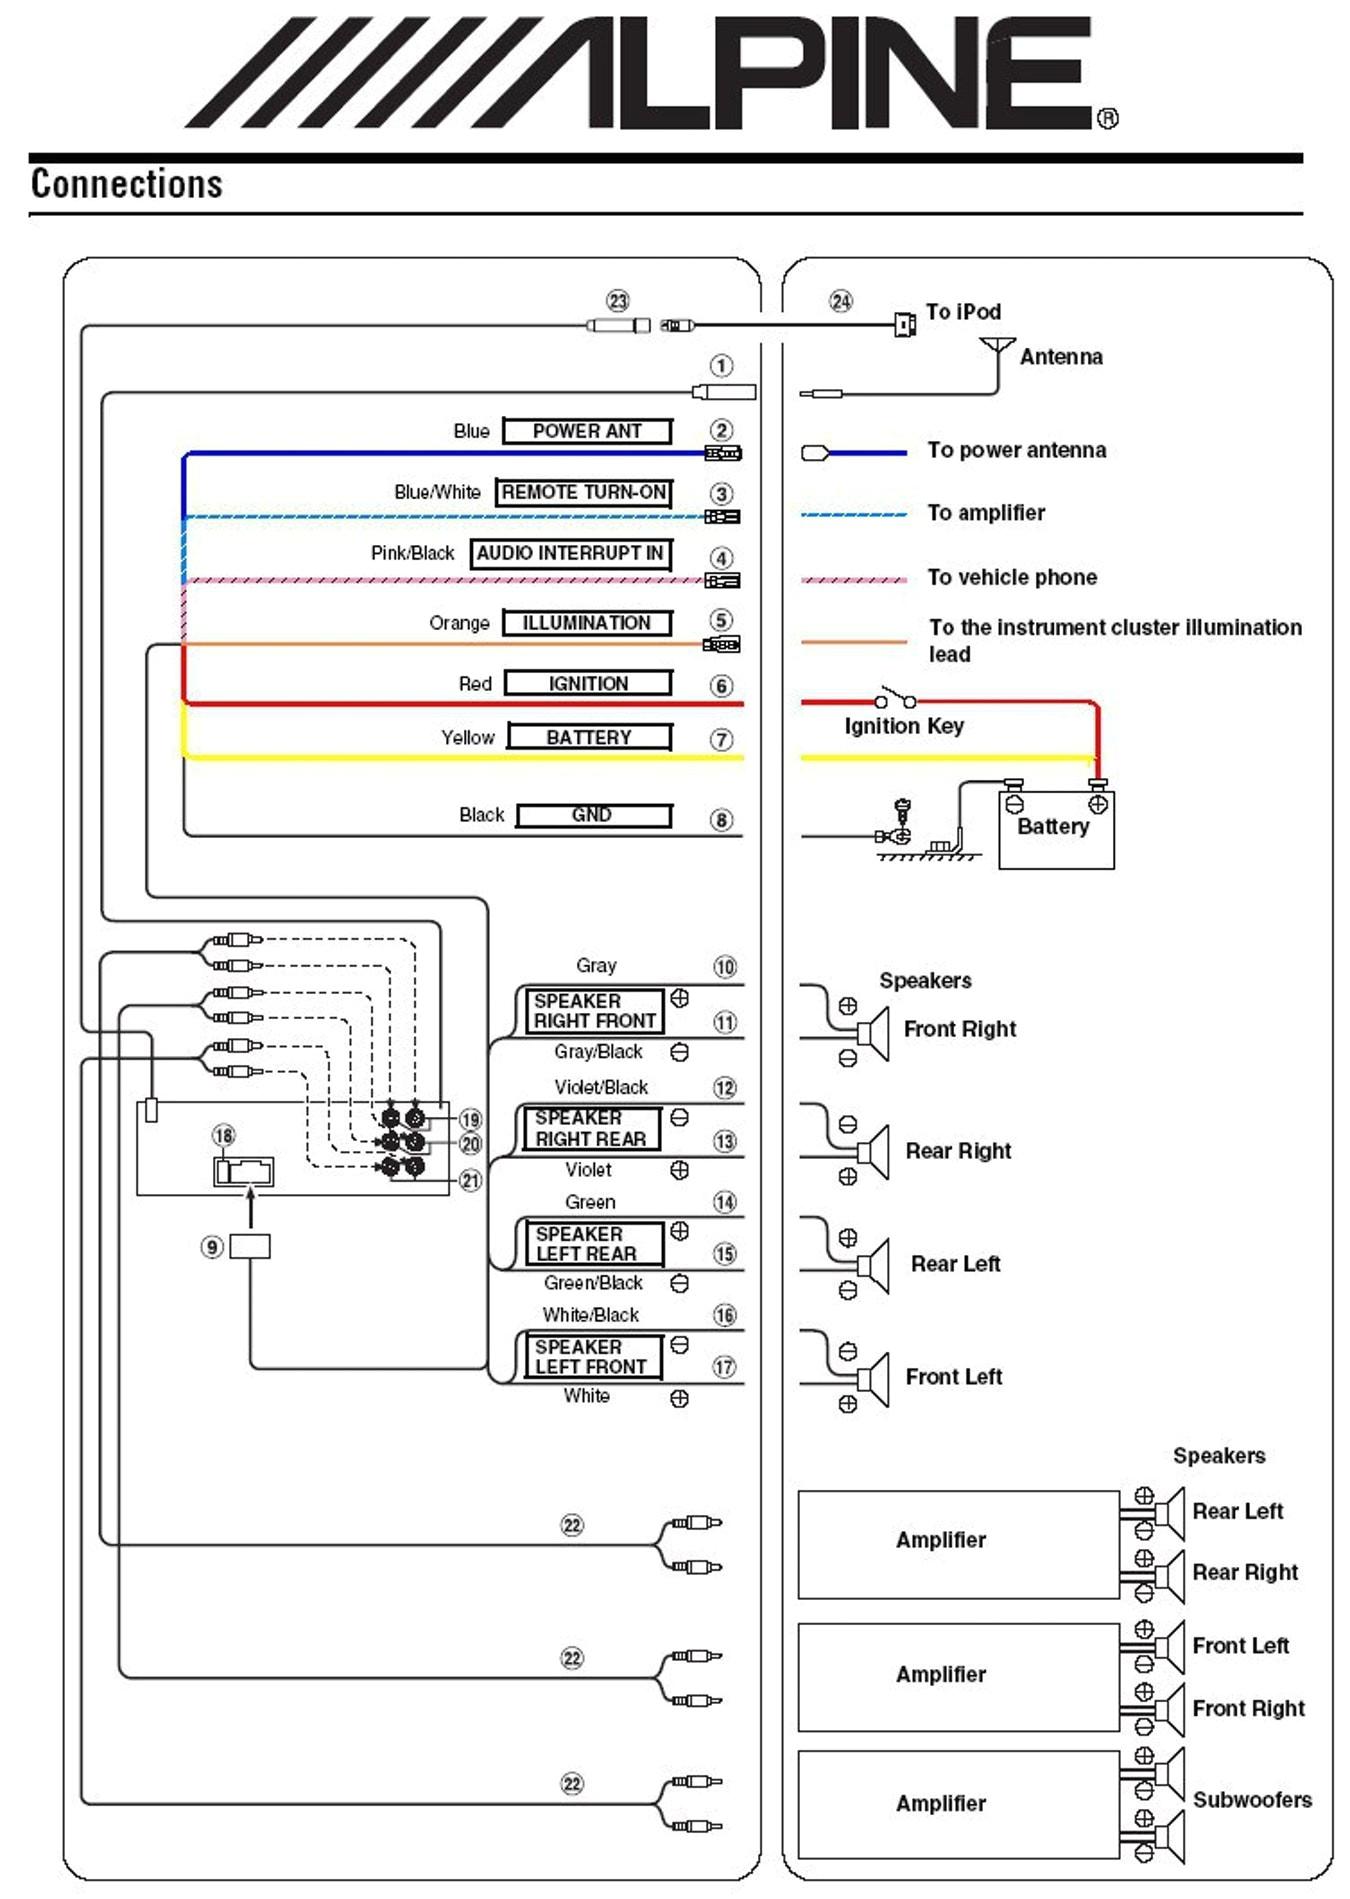 alpine ktp 445 wiring schema wiring diagram alpine ktp 445 amp wiring harness color code alpine ktp 445 amp wiring harness color code